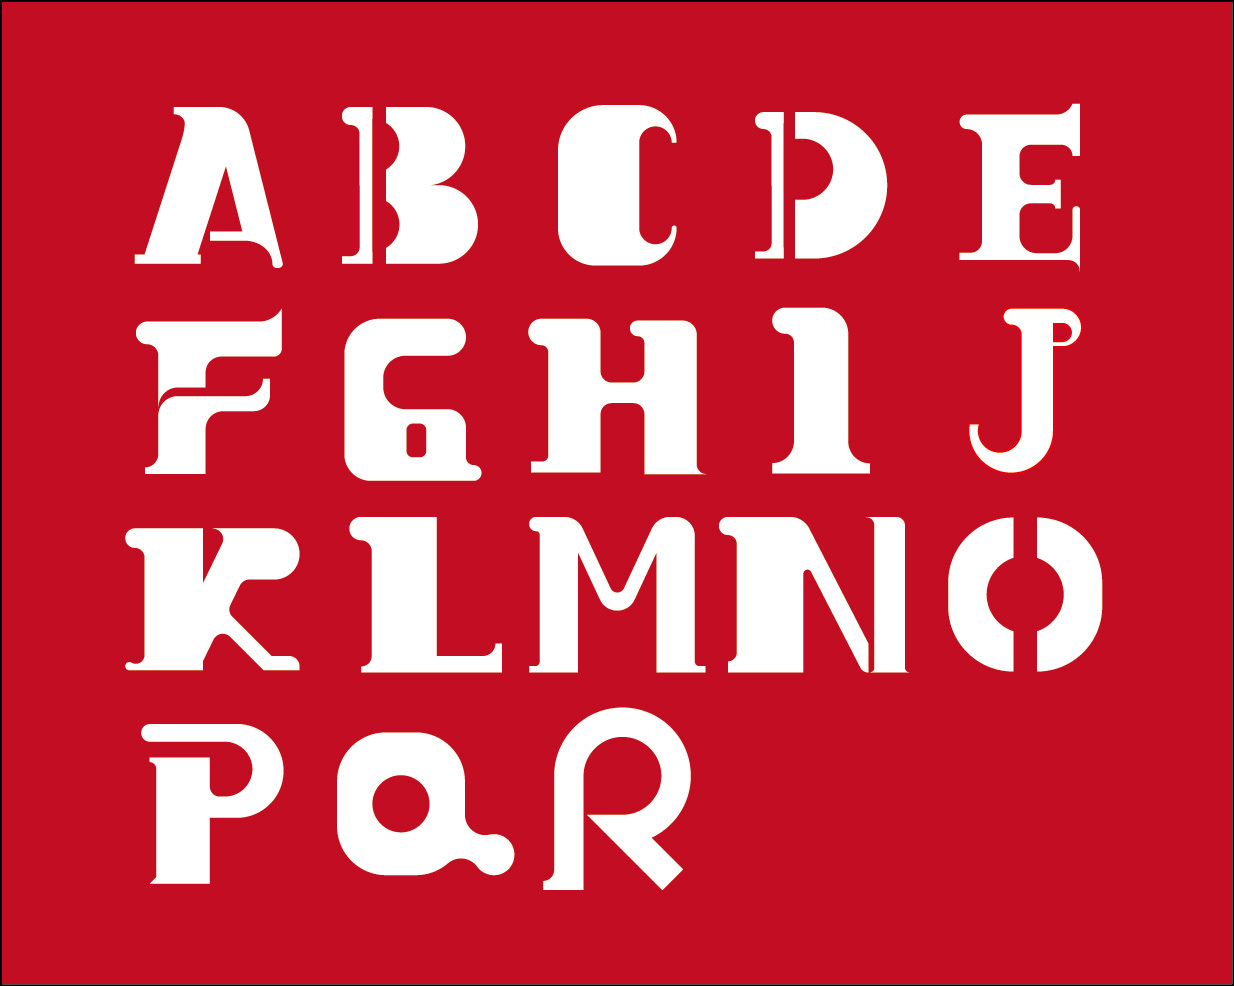 26个英文字母设计